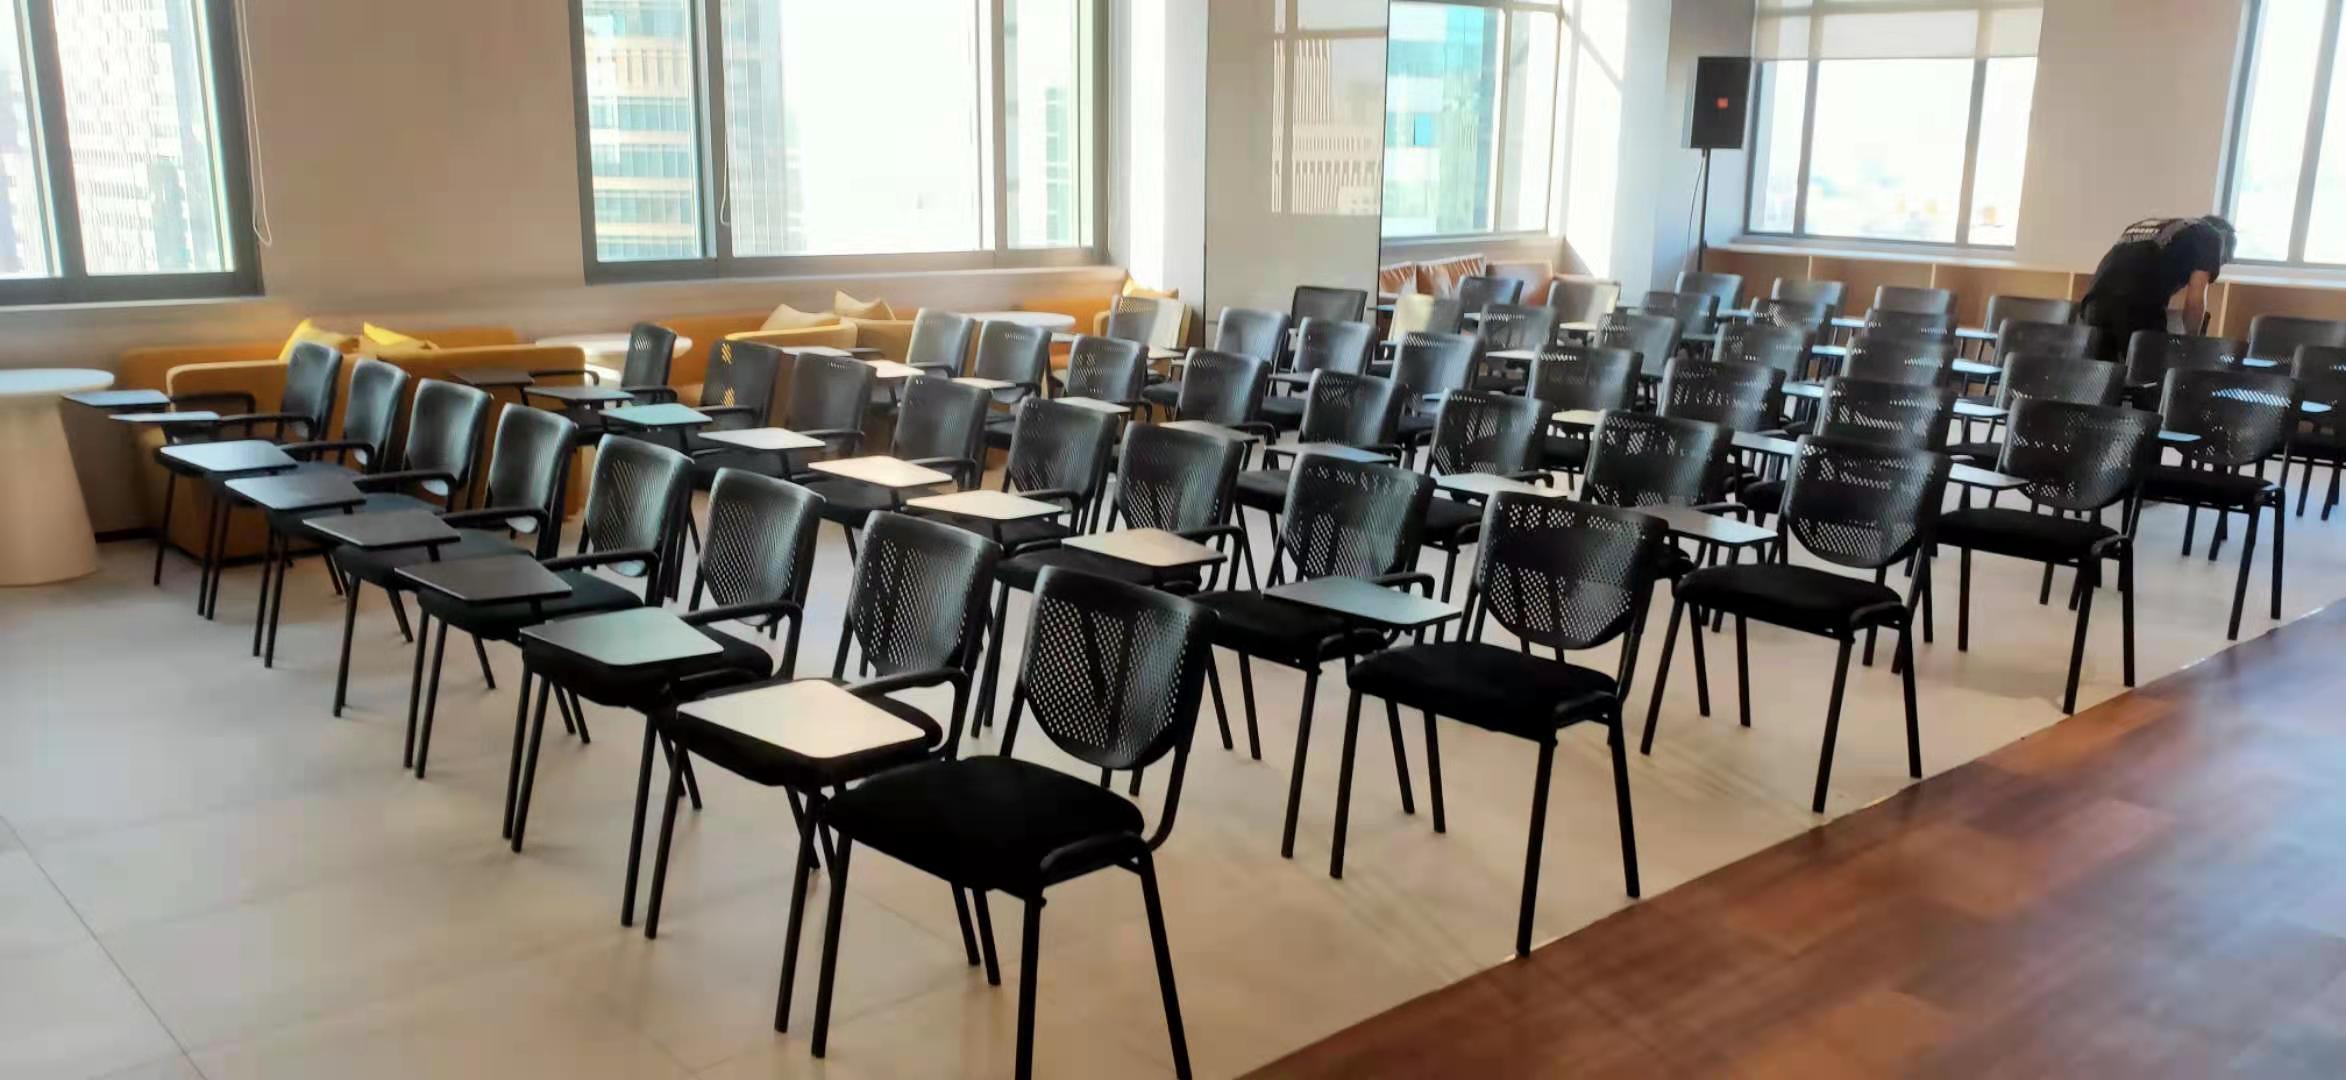 写字板椅子千亿体育下载4